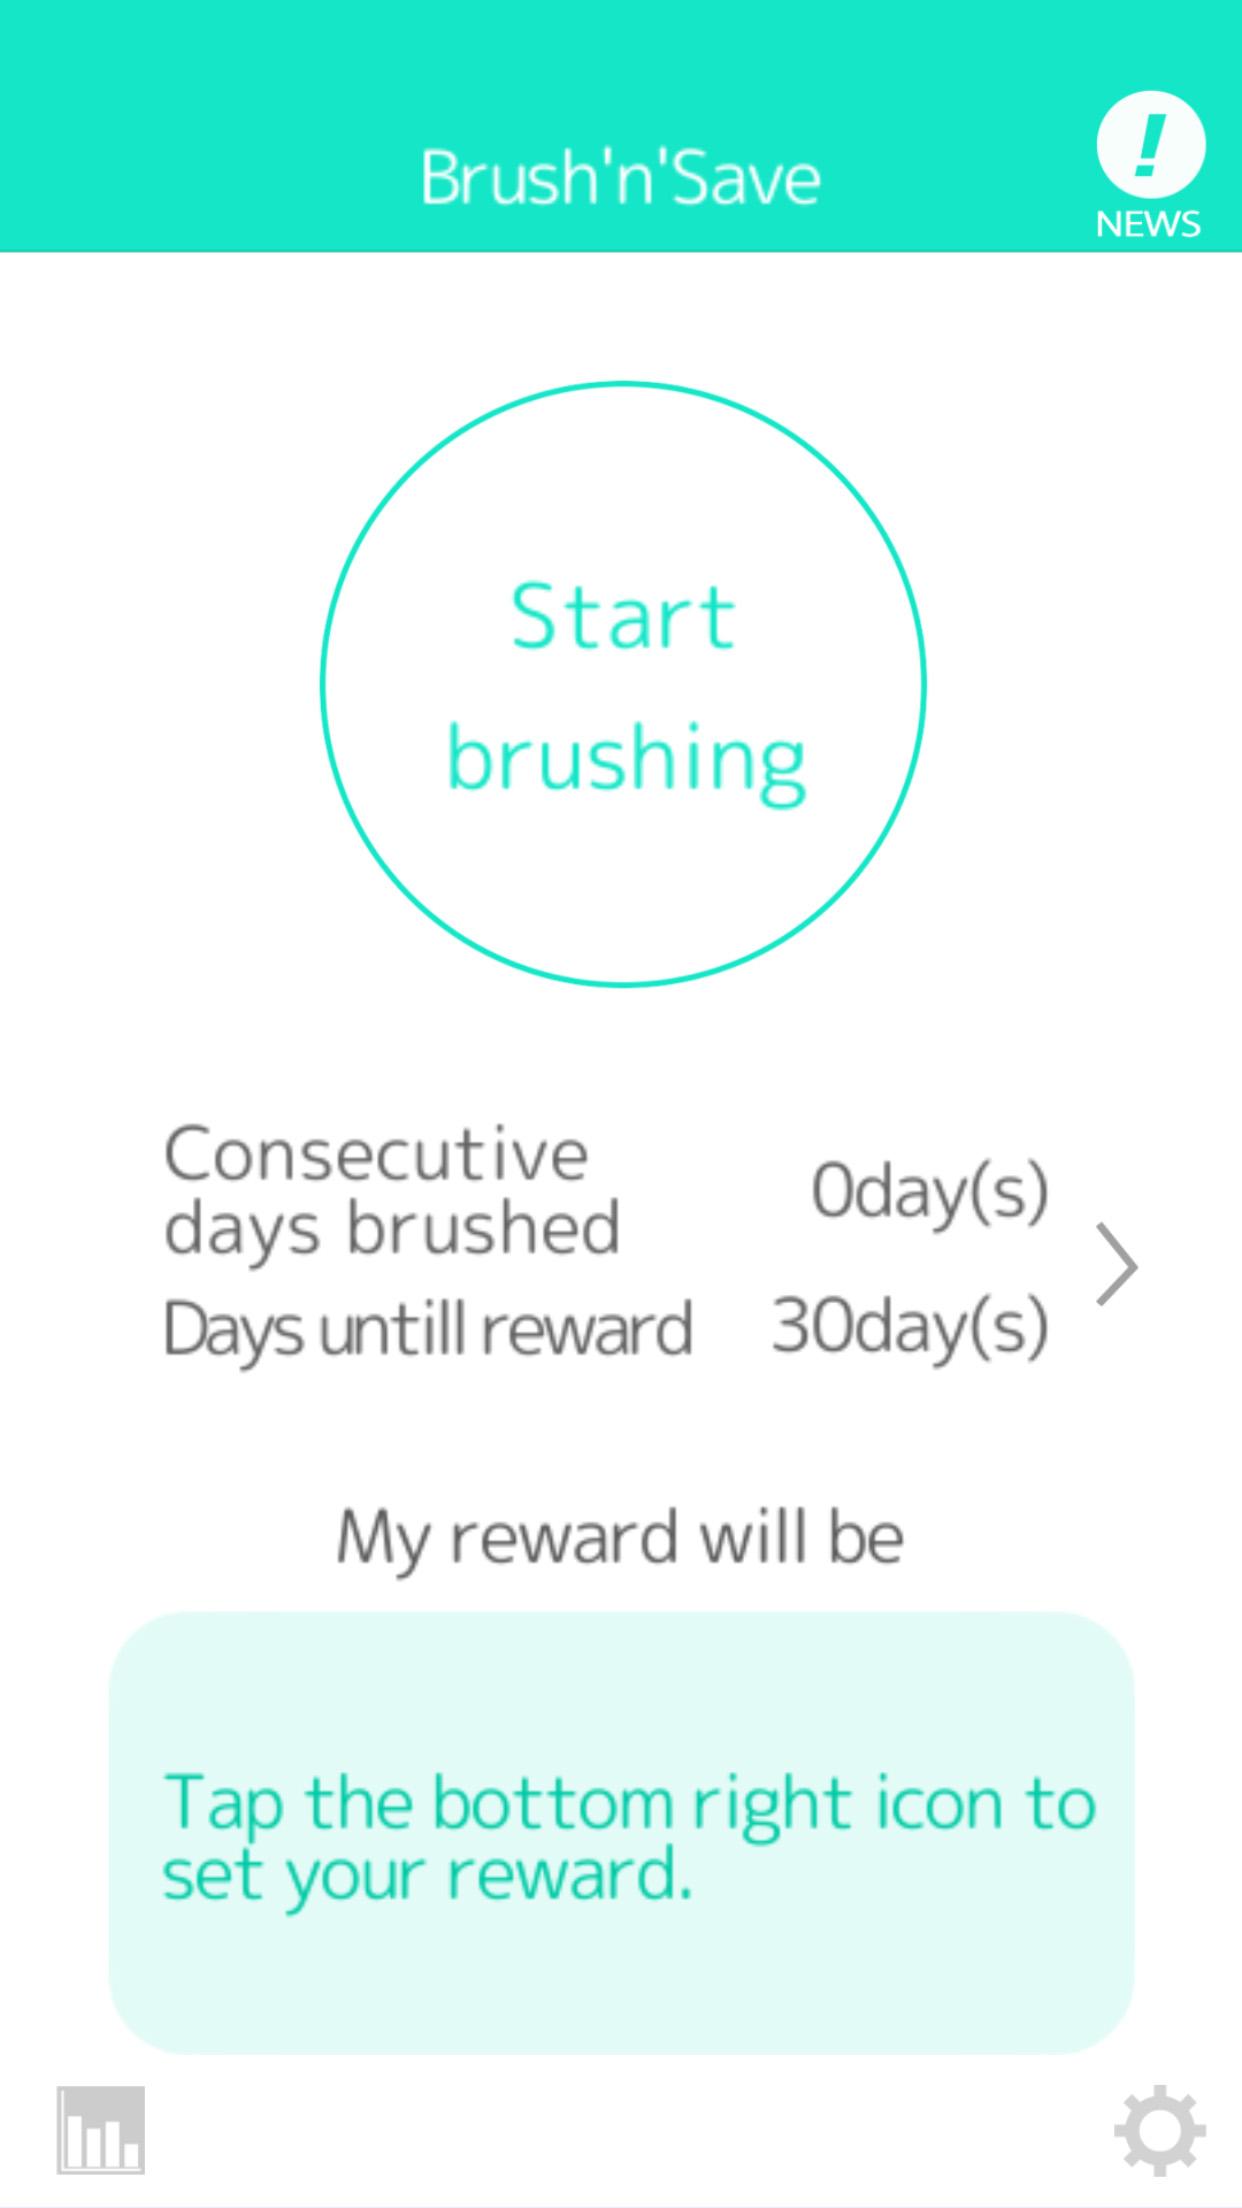 Brush'n'Save Usage/Start brushing1